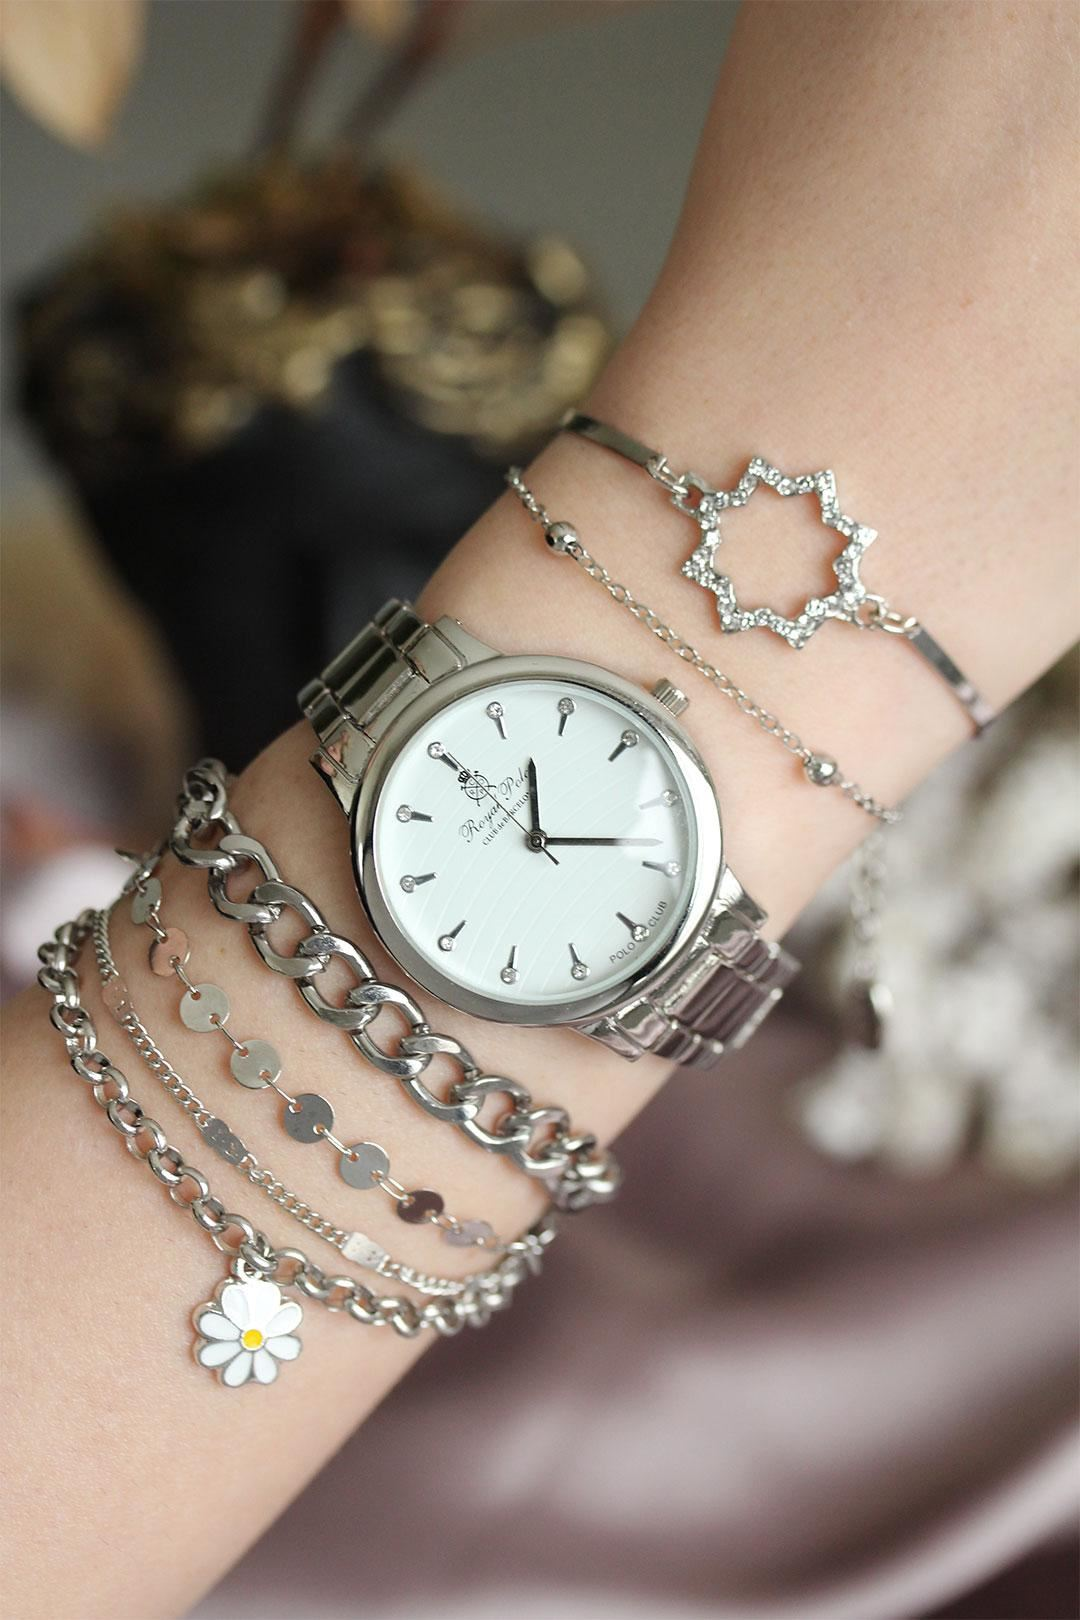 Gümüş Renk Zirkon Taşlı Kasa Kadın Saat ve Bileklik Kombini